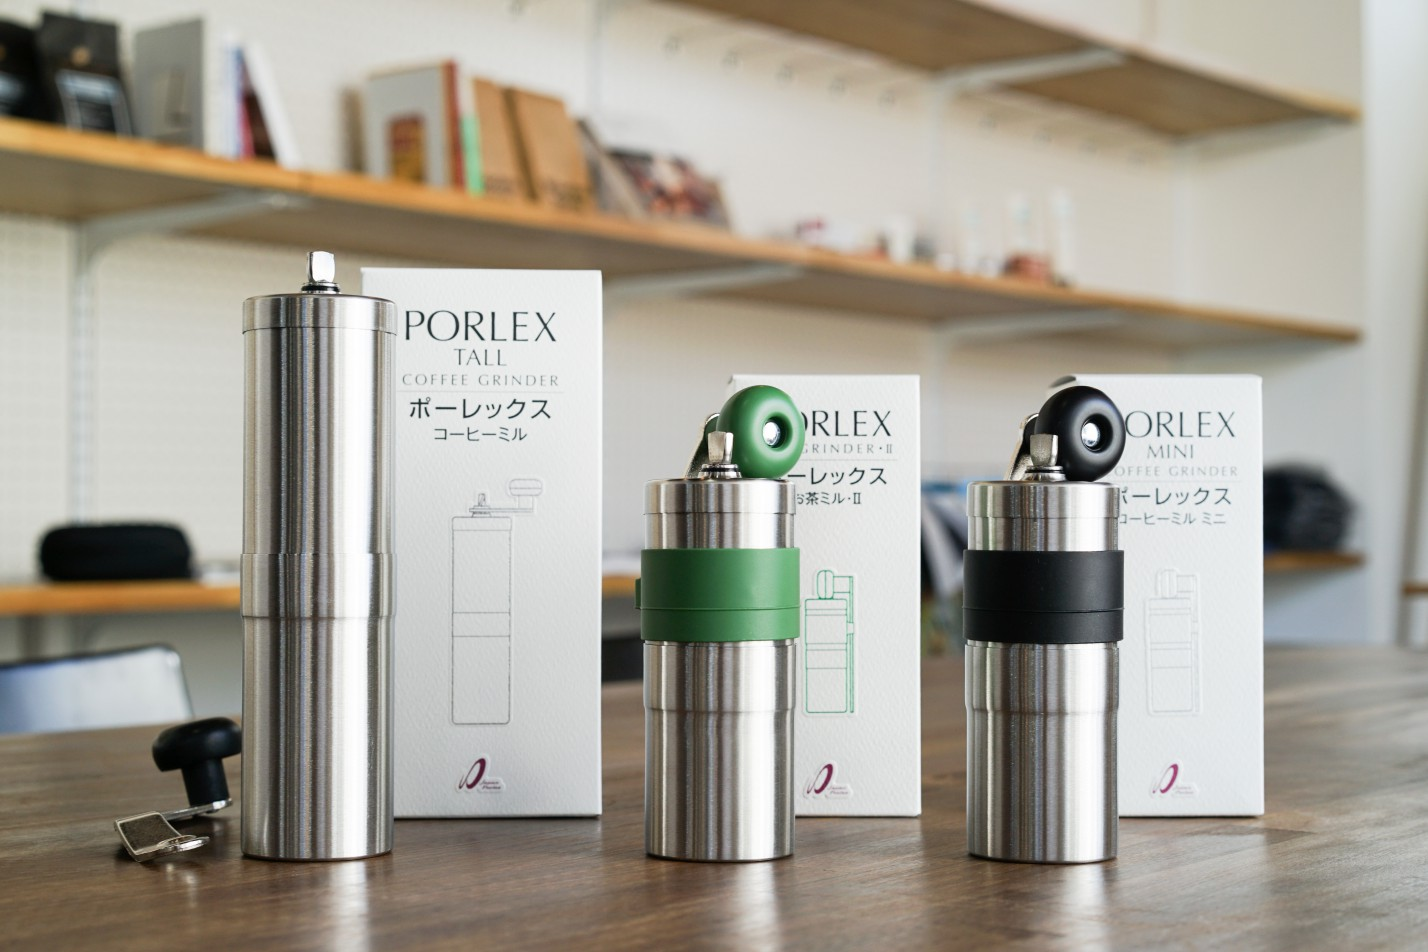 ポーレックス コーヒミル、コーヒーミルミニ、お茶ミル・Ⅱ 入荷